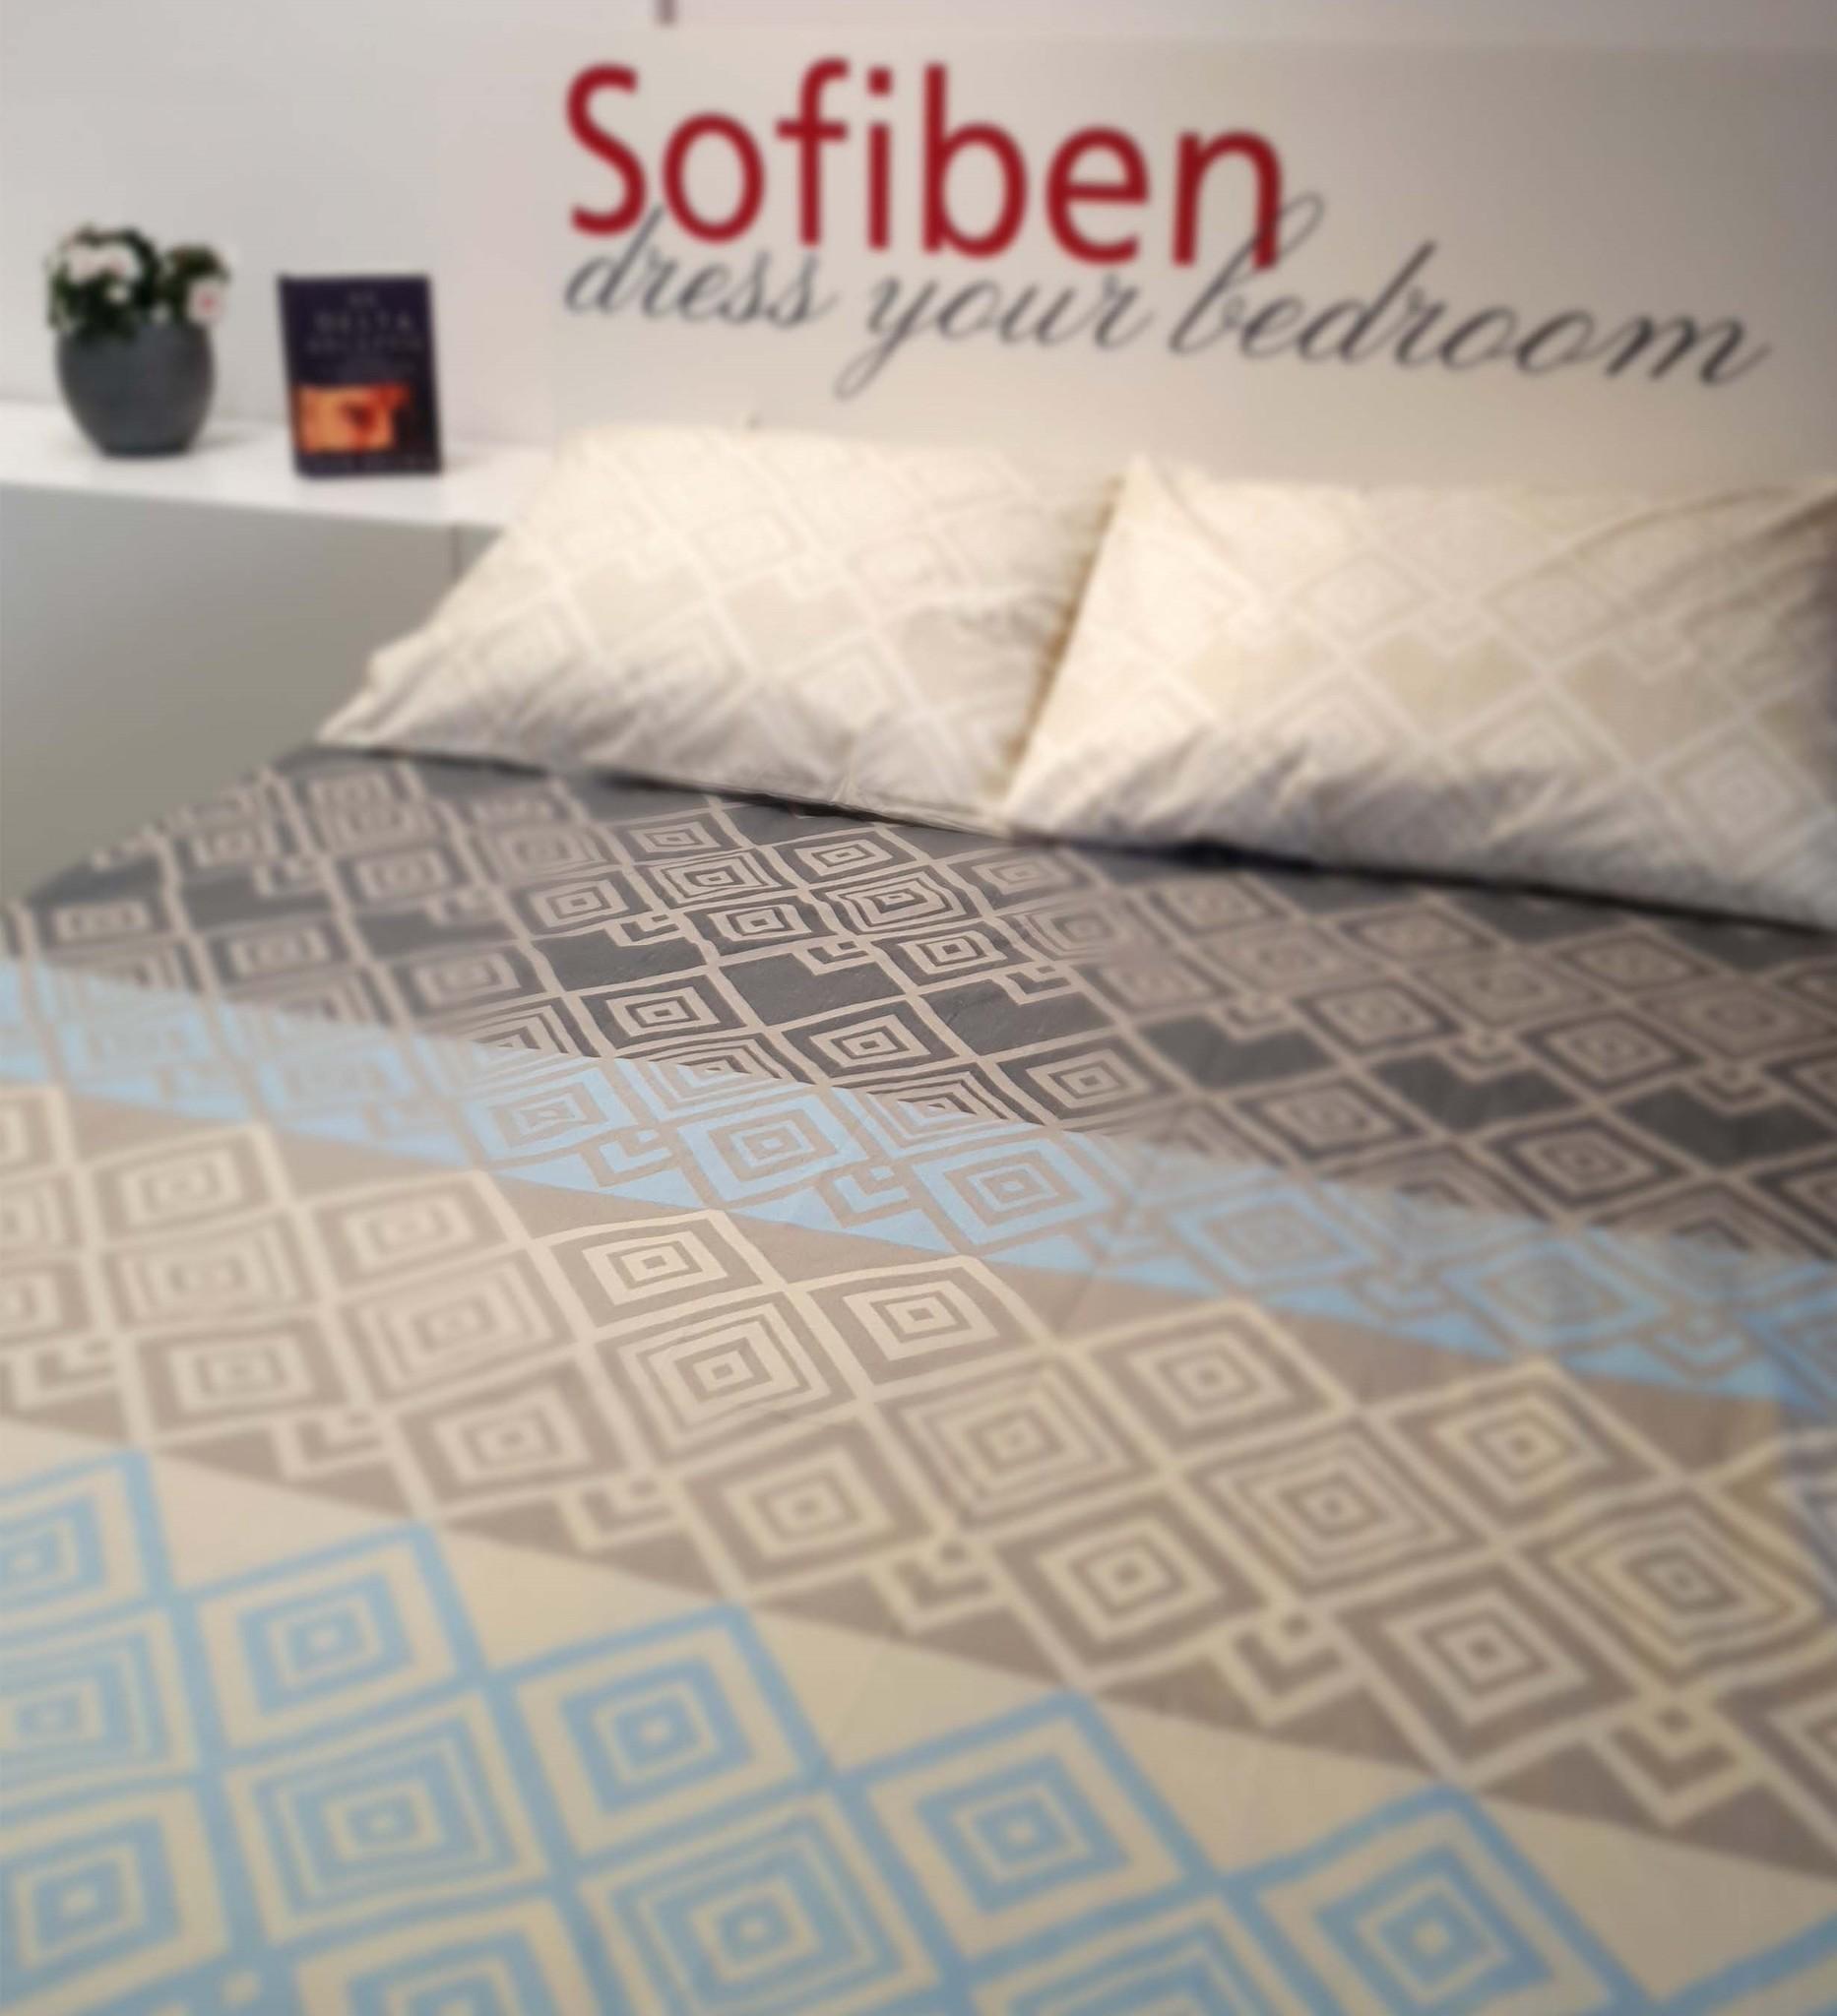 Sofiben Budgetline Sofiben dekbedovertrek met rits Maya, katoenmenging 70% katoen / 30% polyester,  140 x 200 met 1 kussensloop